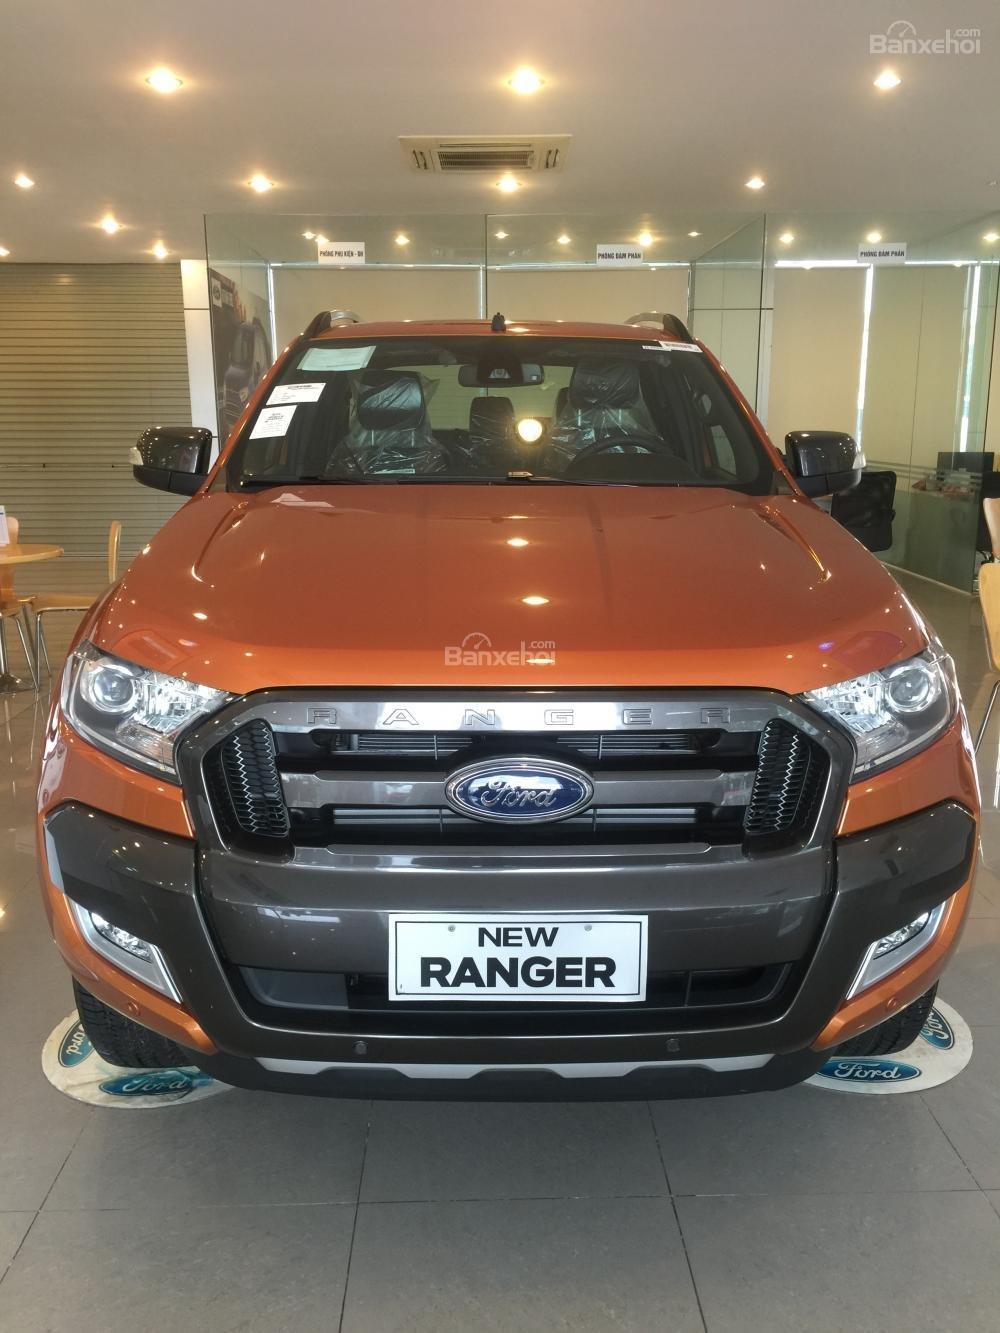 Cần bán Ford Ranger Wildtrak 2015, giá cạnh tranh nhất, đủ màu, đủ phiên bản, giao xe ngay L/H 0946 48 83 83-7